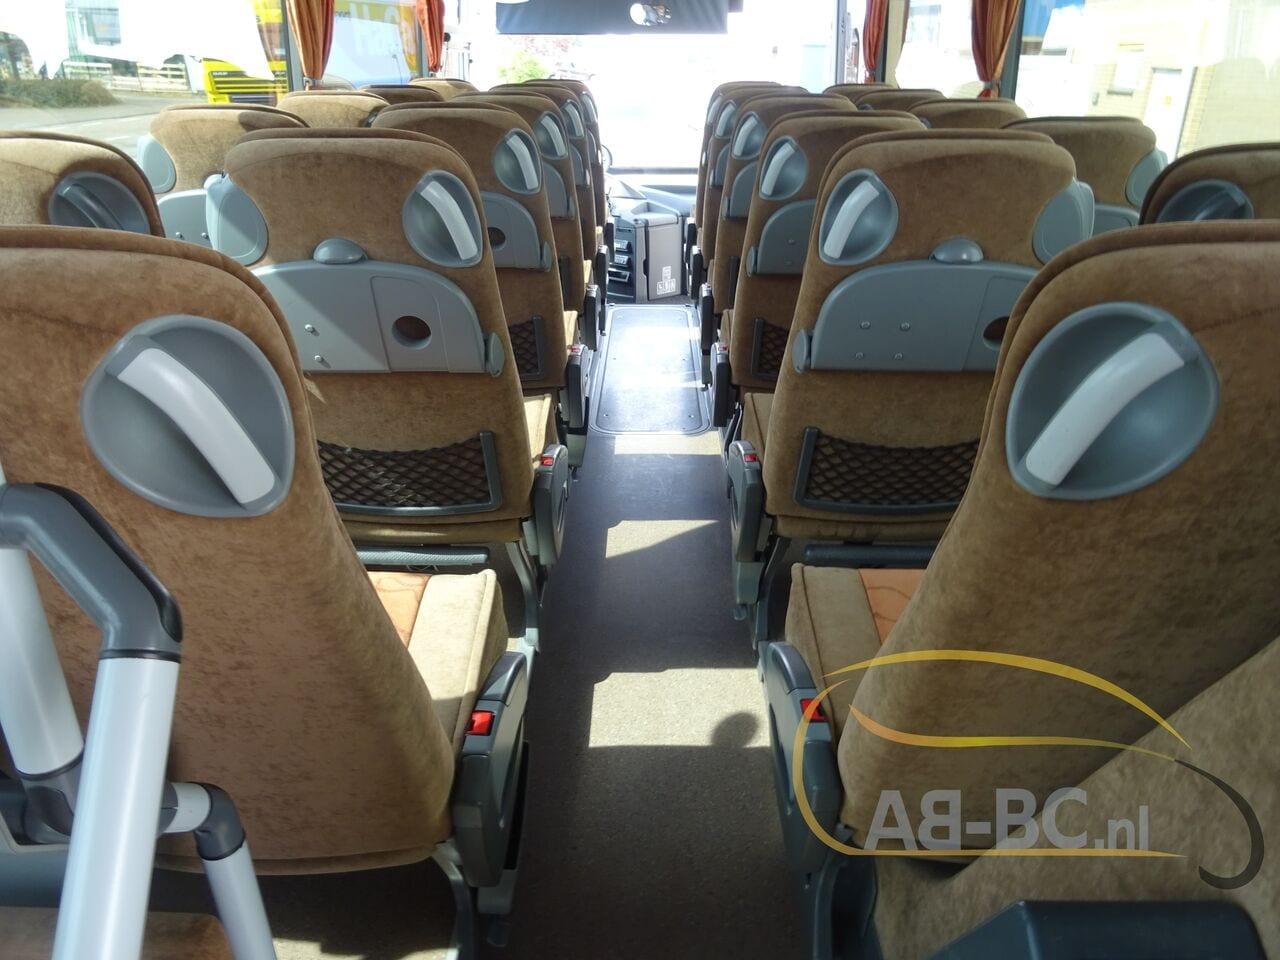 coach-busSETRA-S416H-48-SEATS-LIFTBUS---1620309976161147330_big_2533ae2f6a1b8f655c8f068ba06826a6--21050616581387095000